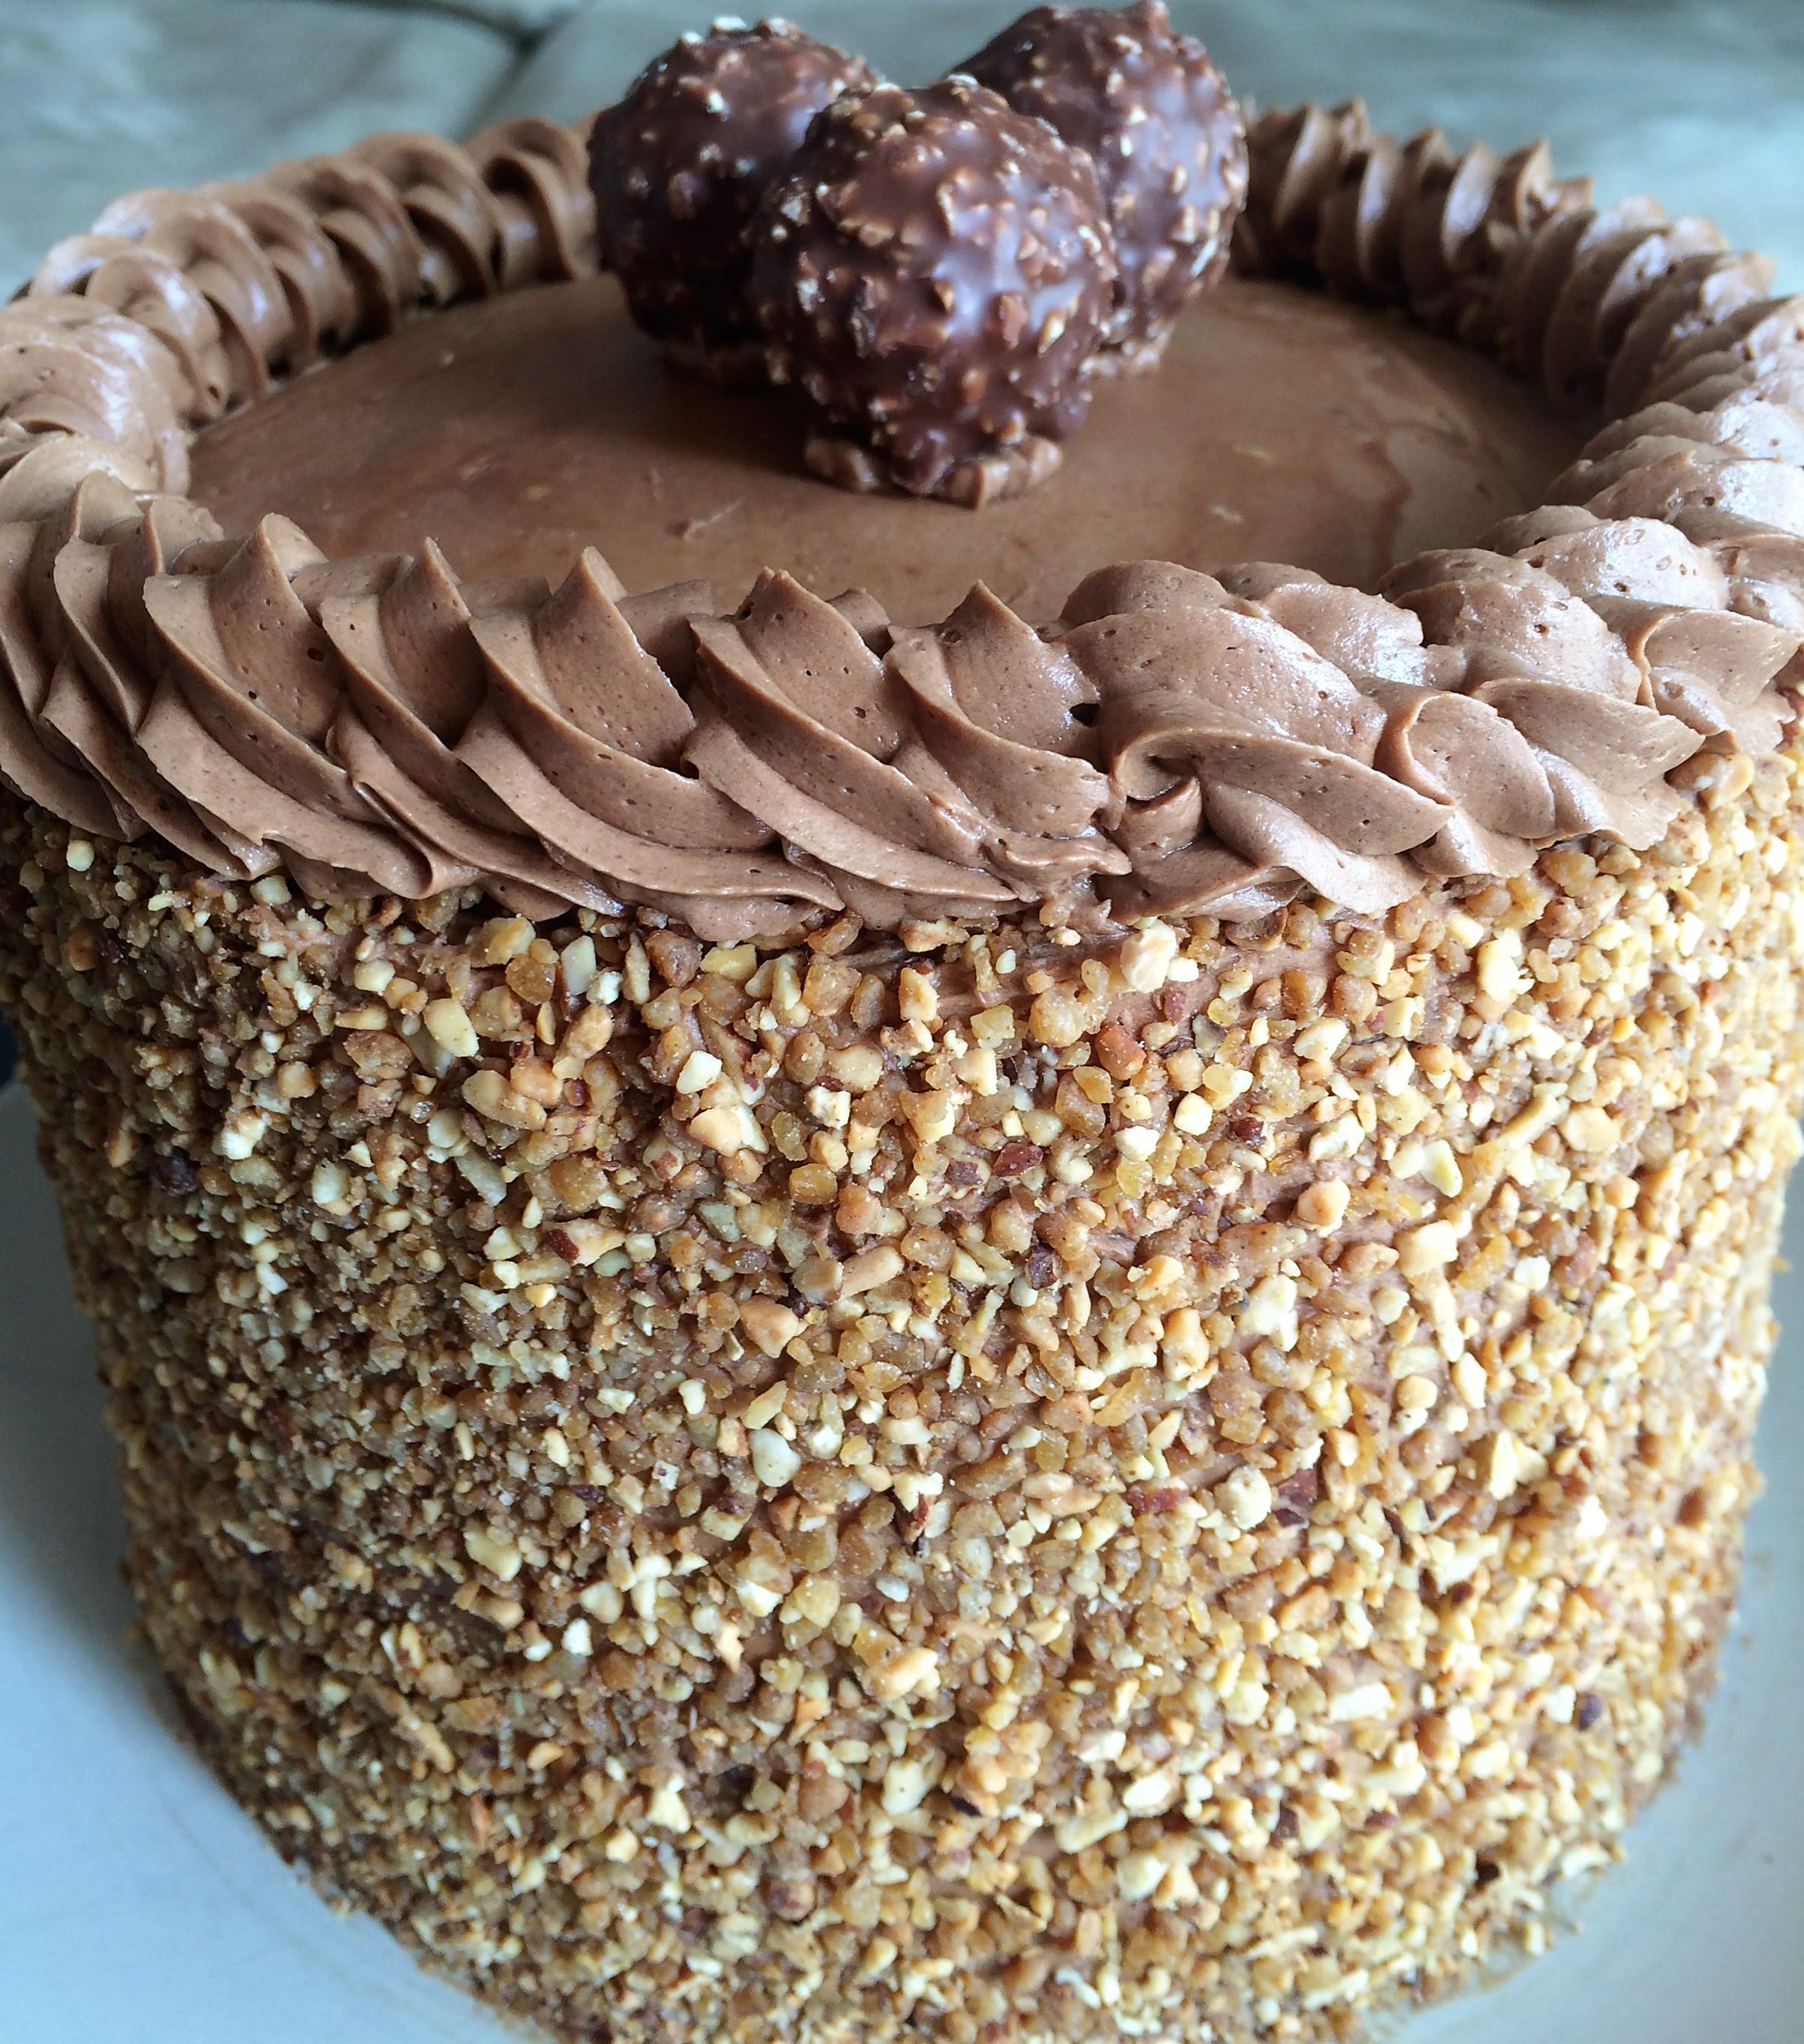 Layer_cake_Ferrero_Rocher-1461189584.JPG